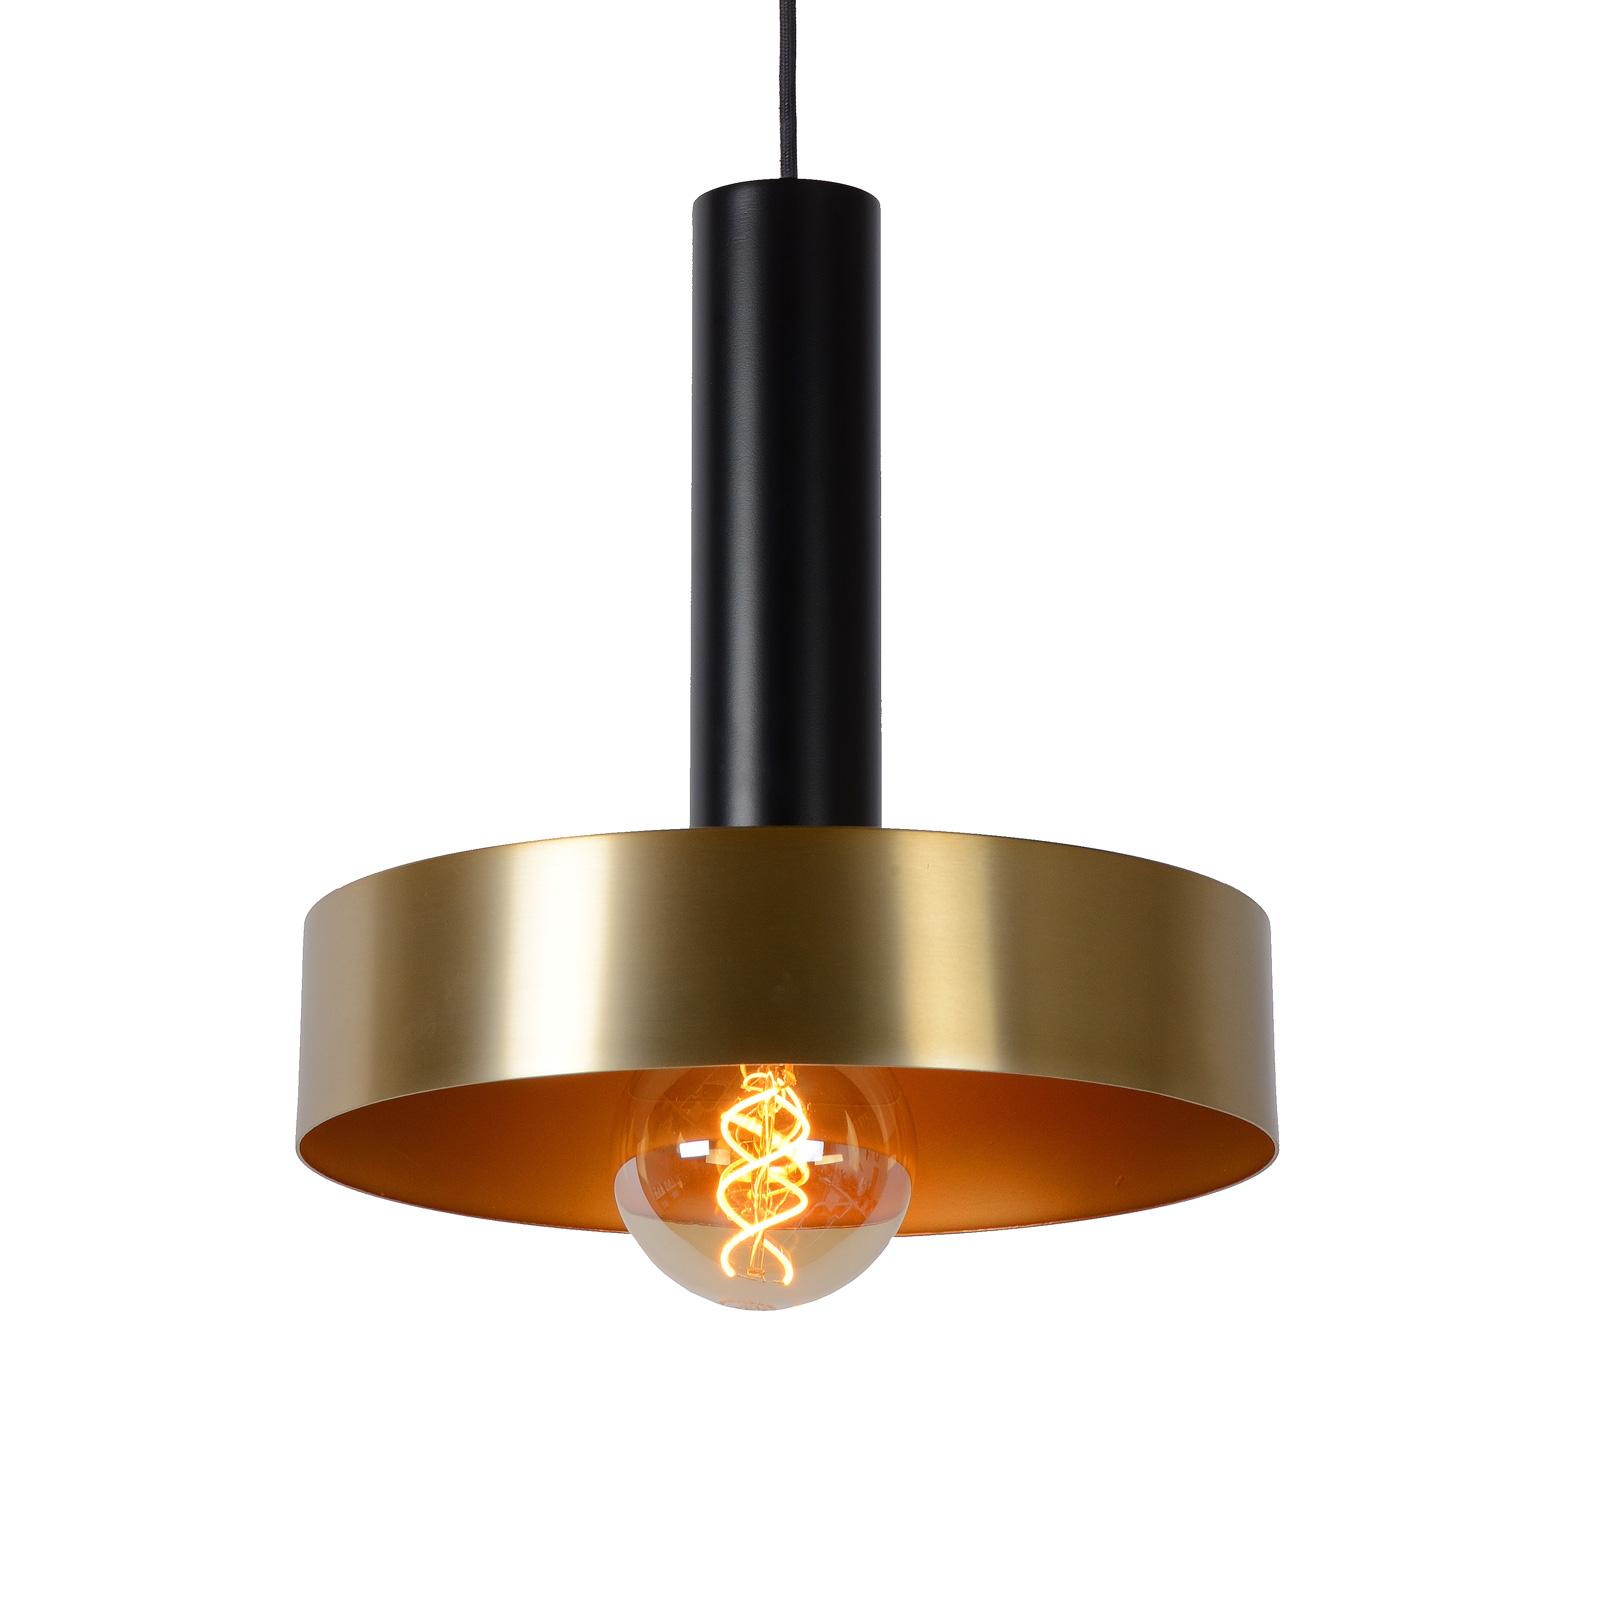 Lampa wisząca Giada czarna złota Ø 30 cm